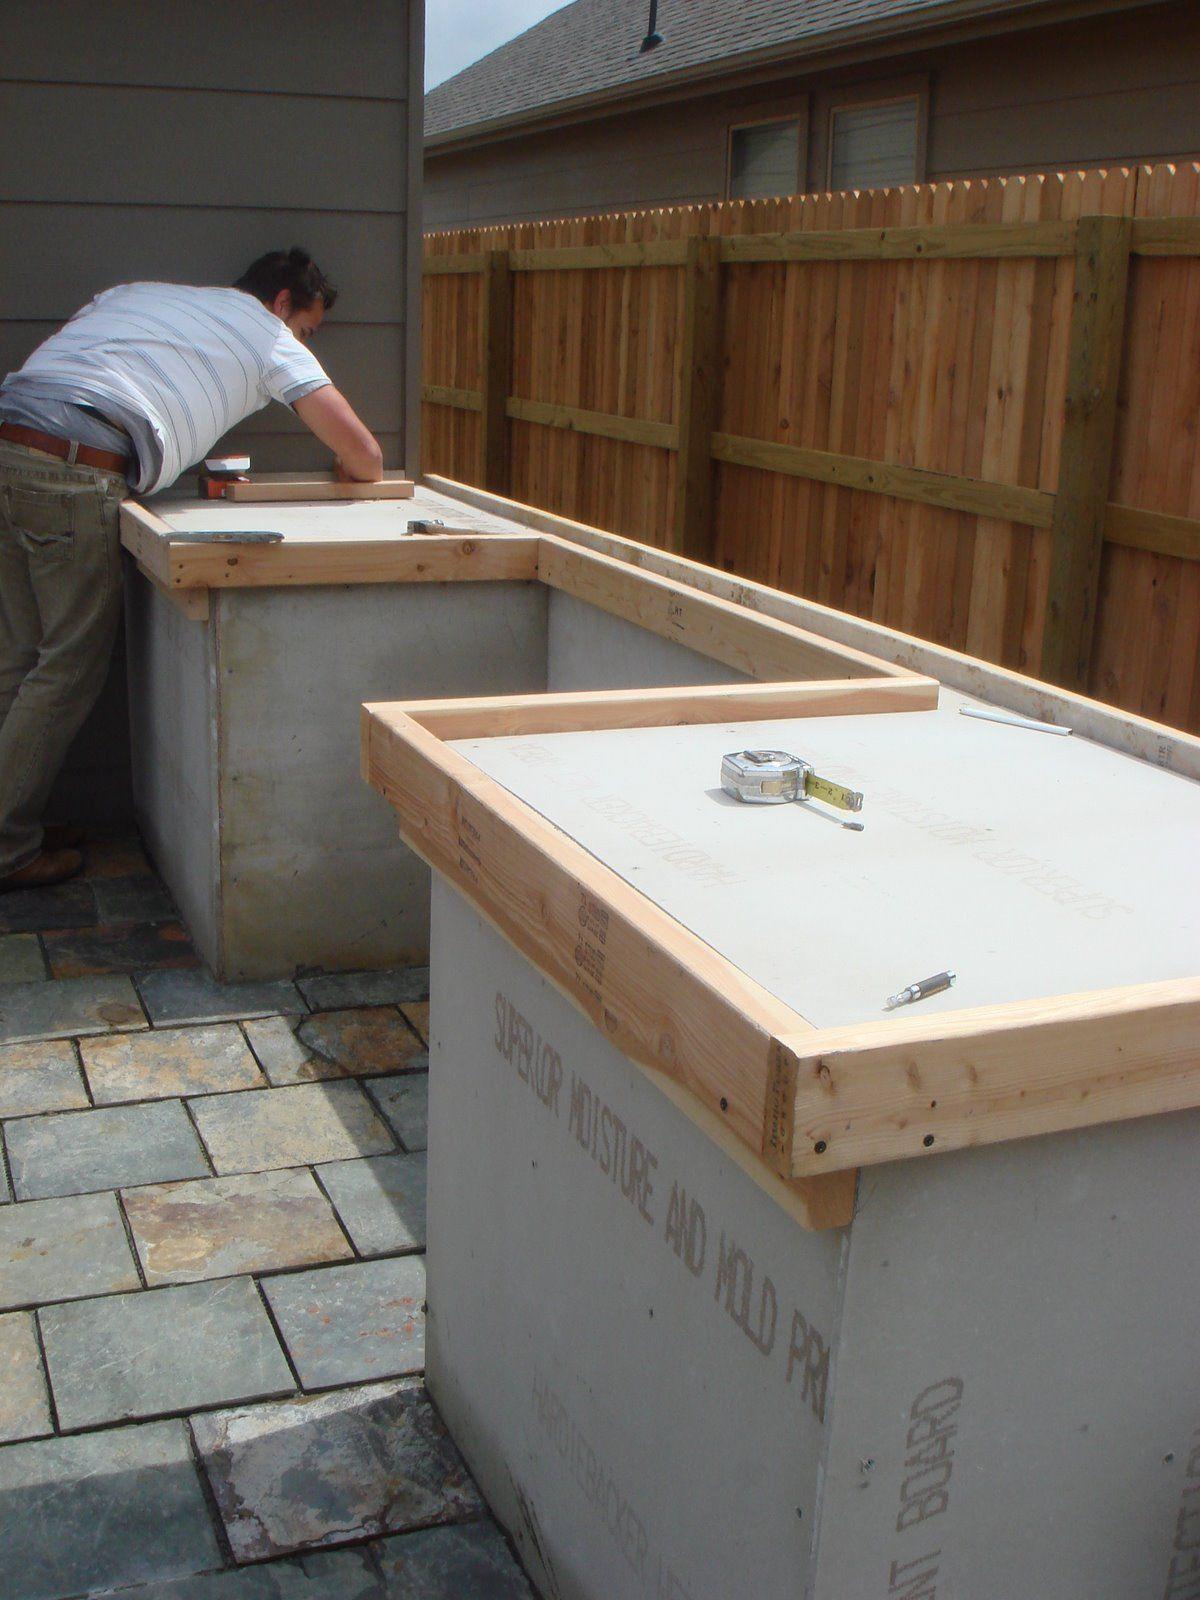 diy concrete countertop for outdoor cooking spot | agarqprov